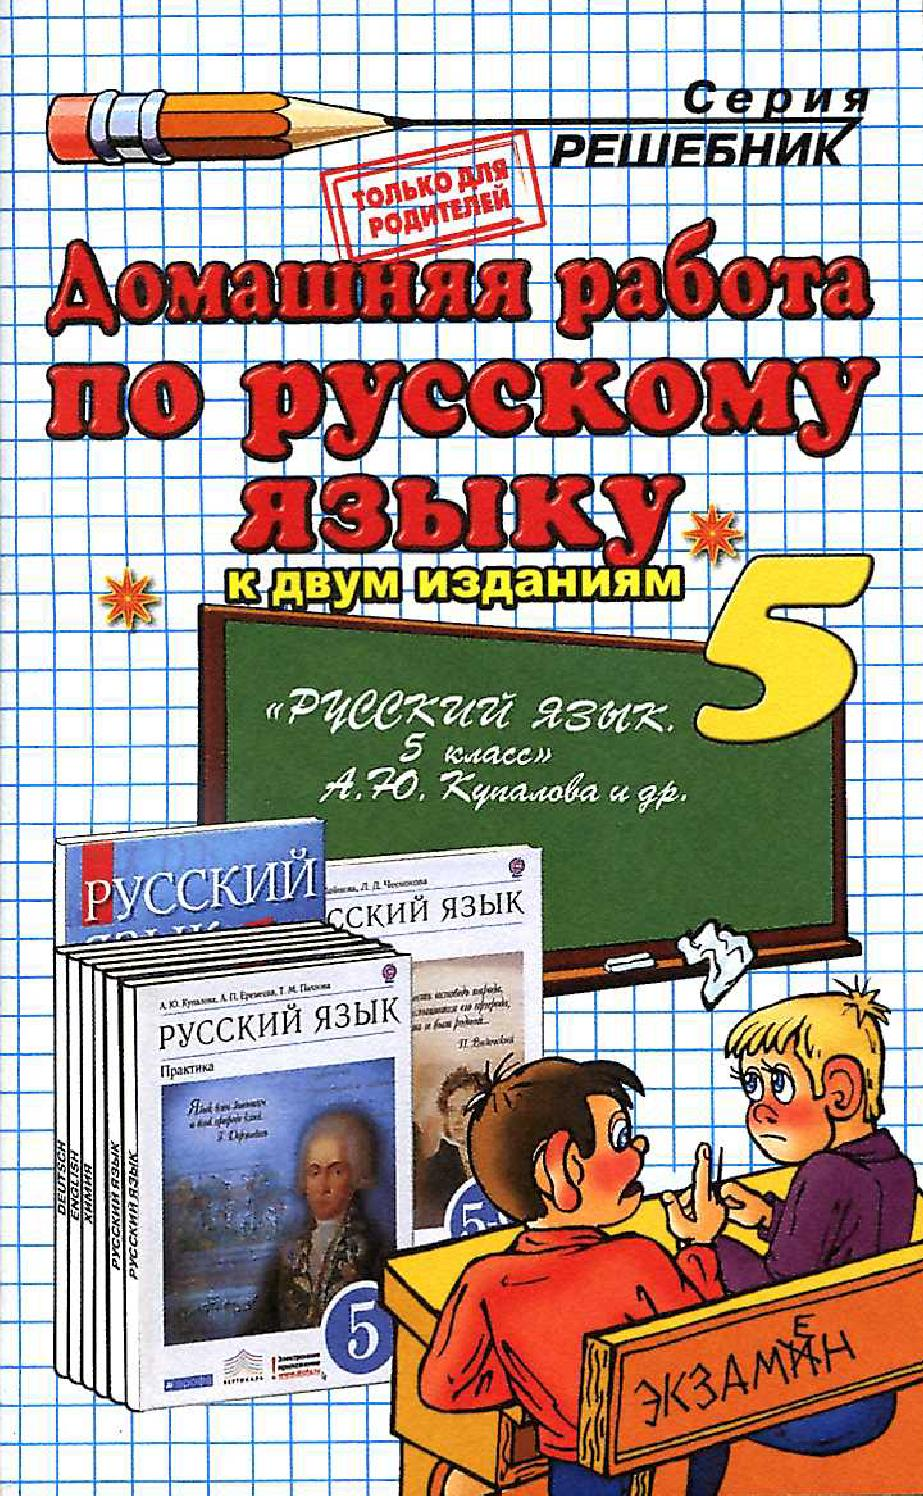 Гдз по русскому языку 5 класс средняя школа